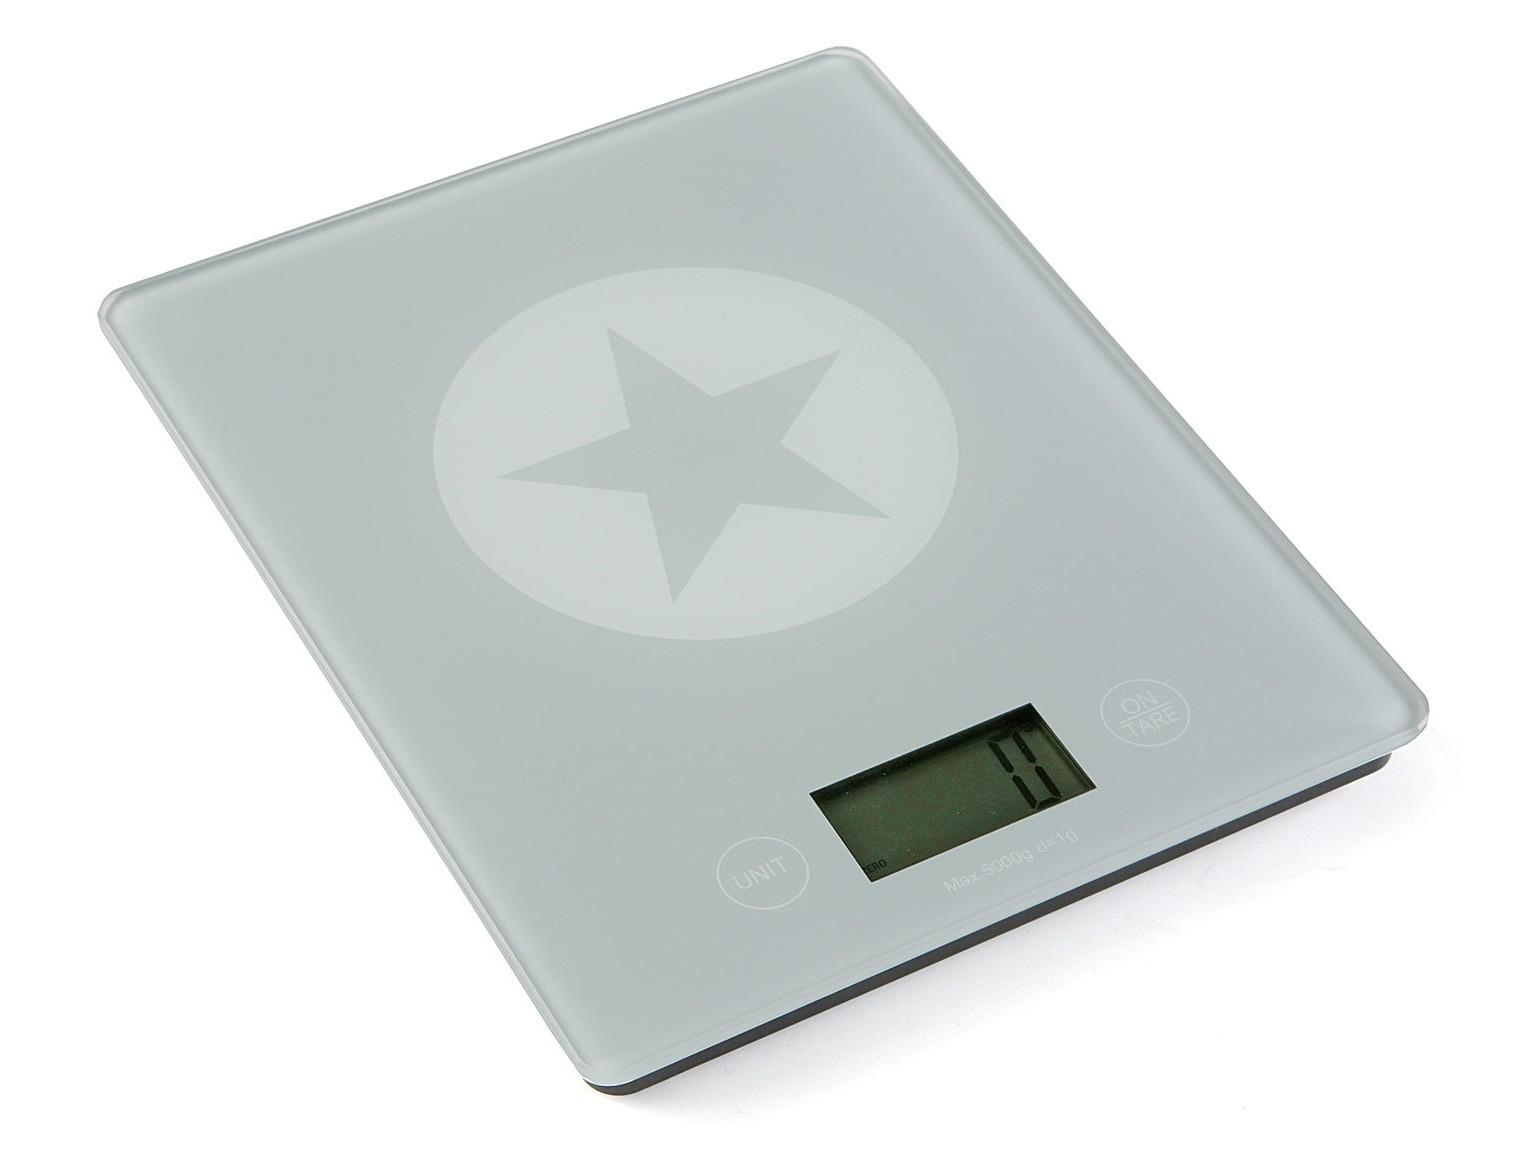 Кухонные весыАксессуары для кухни<br><br><br>Material: Стекло<br>Ширина см: 23<br>Высота см: 5<br>Глубина см: 18